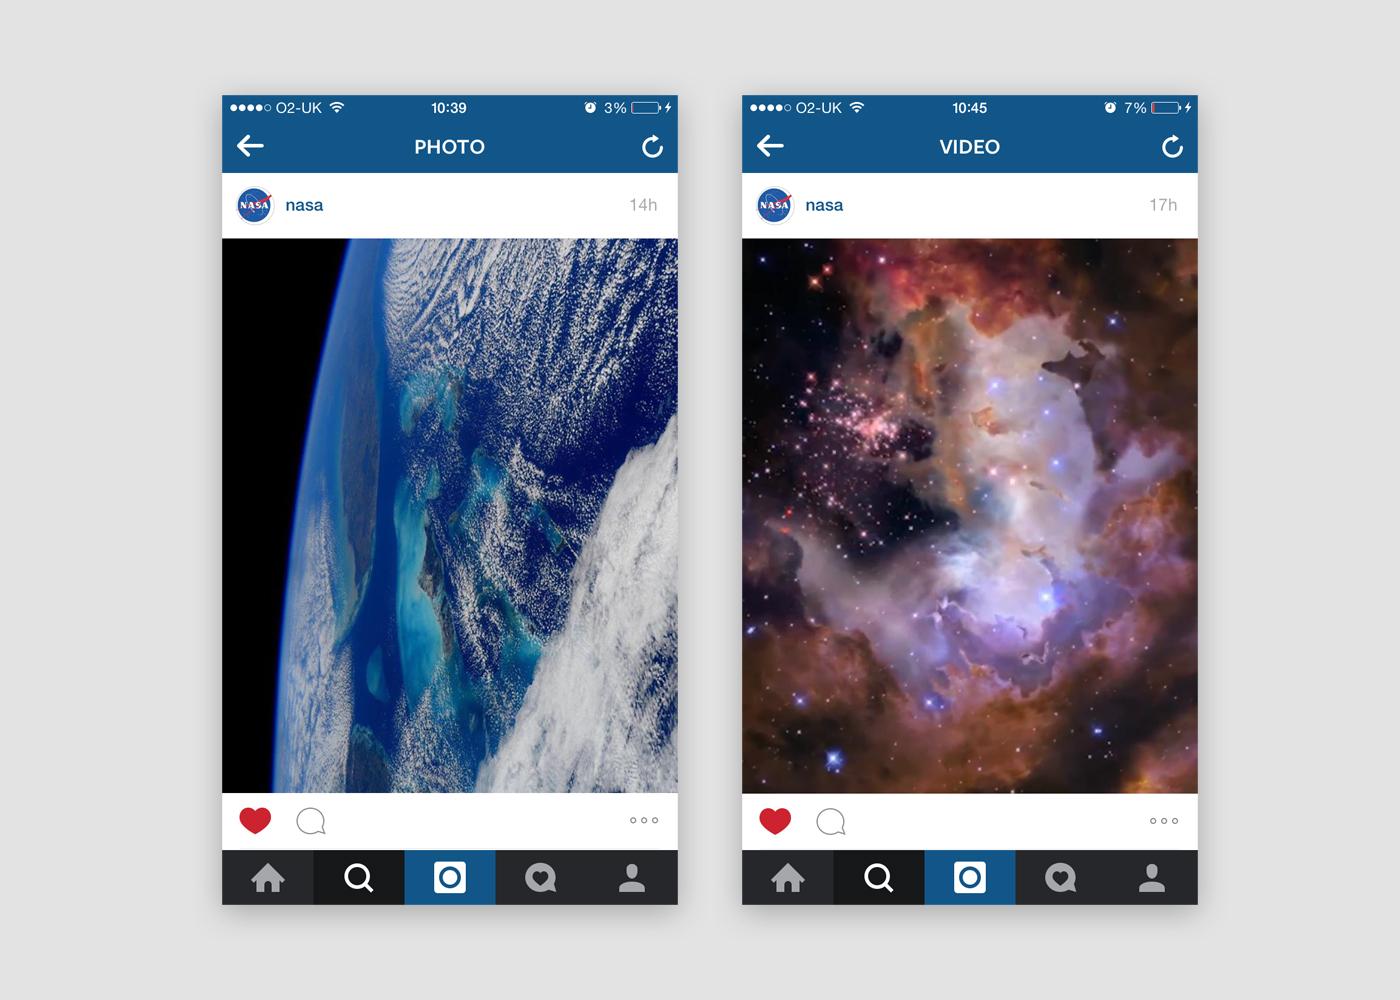 Nasa's Instagram